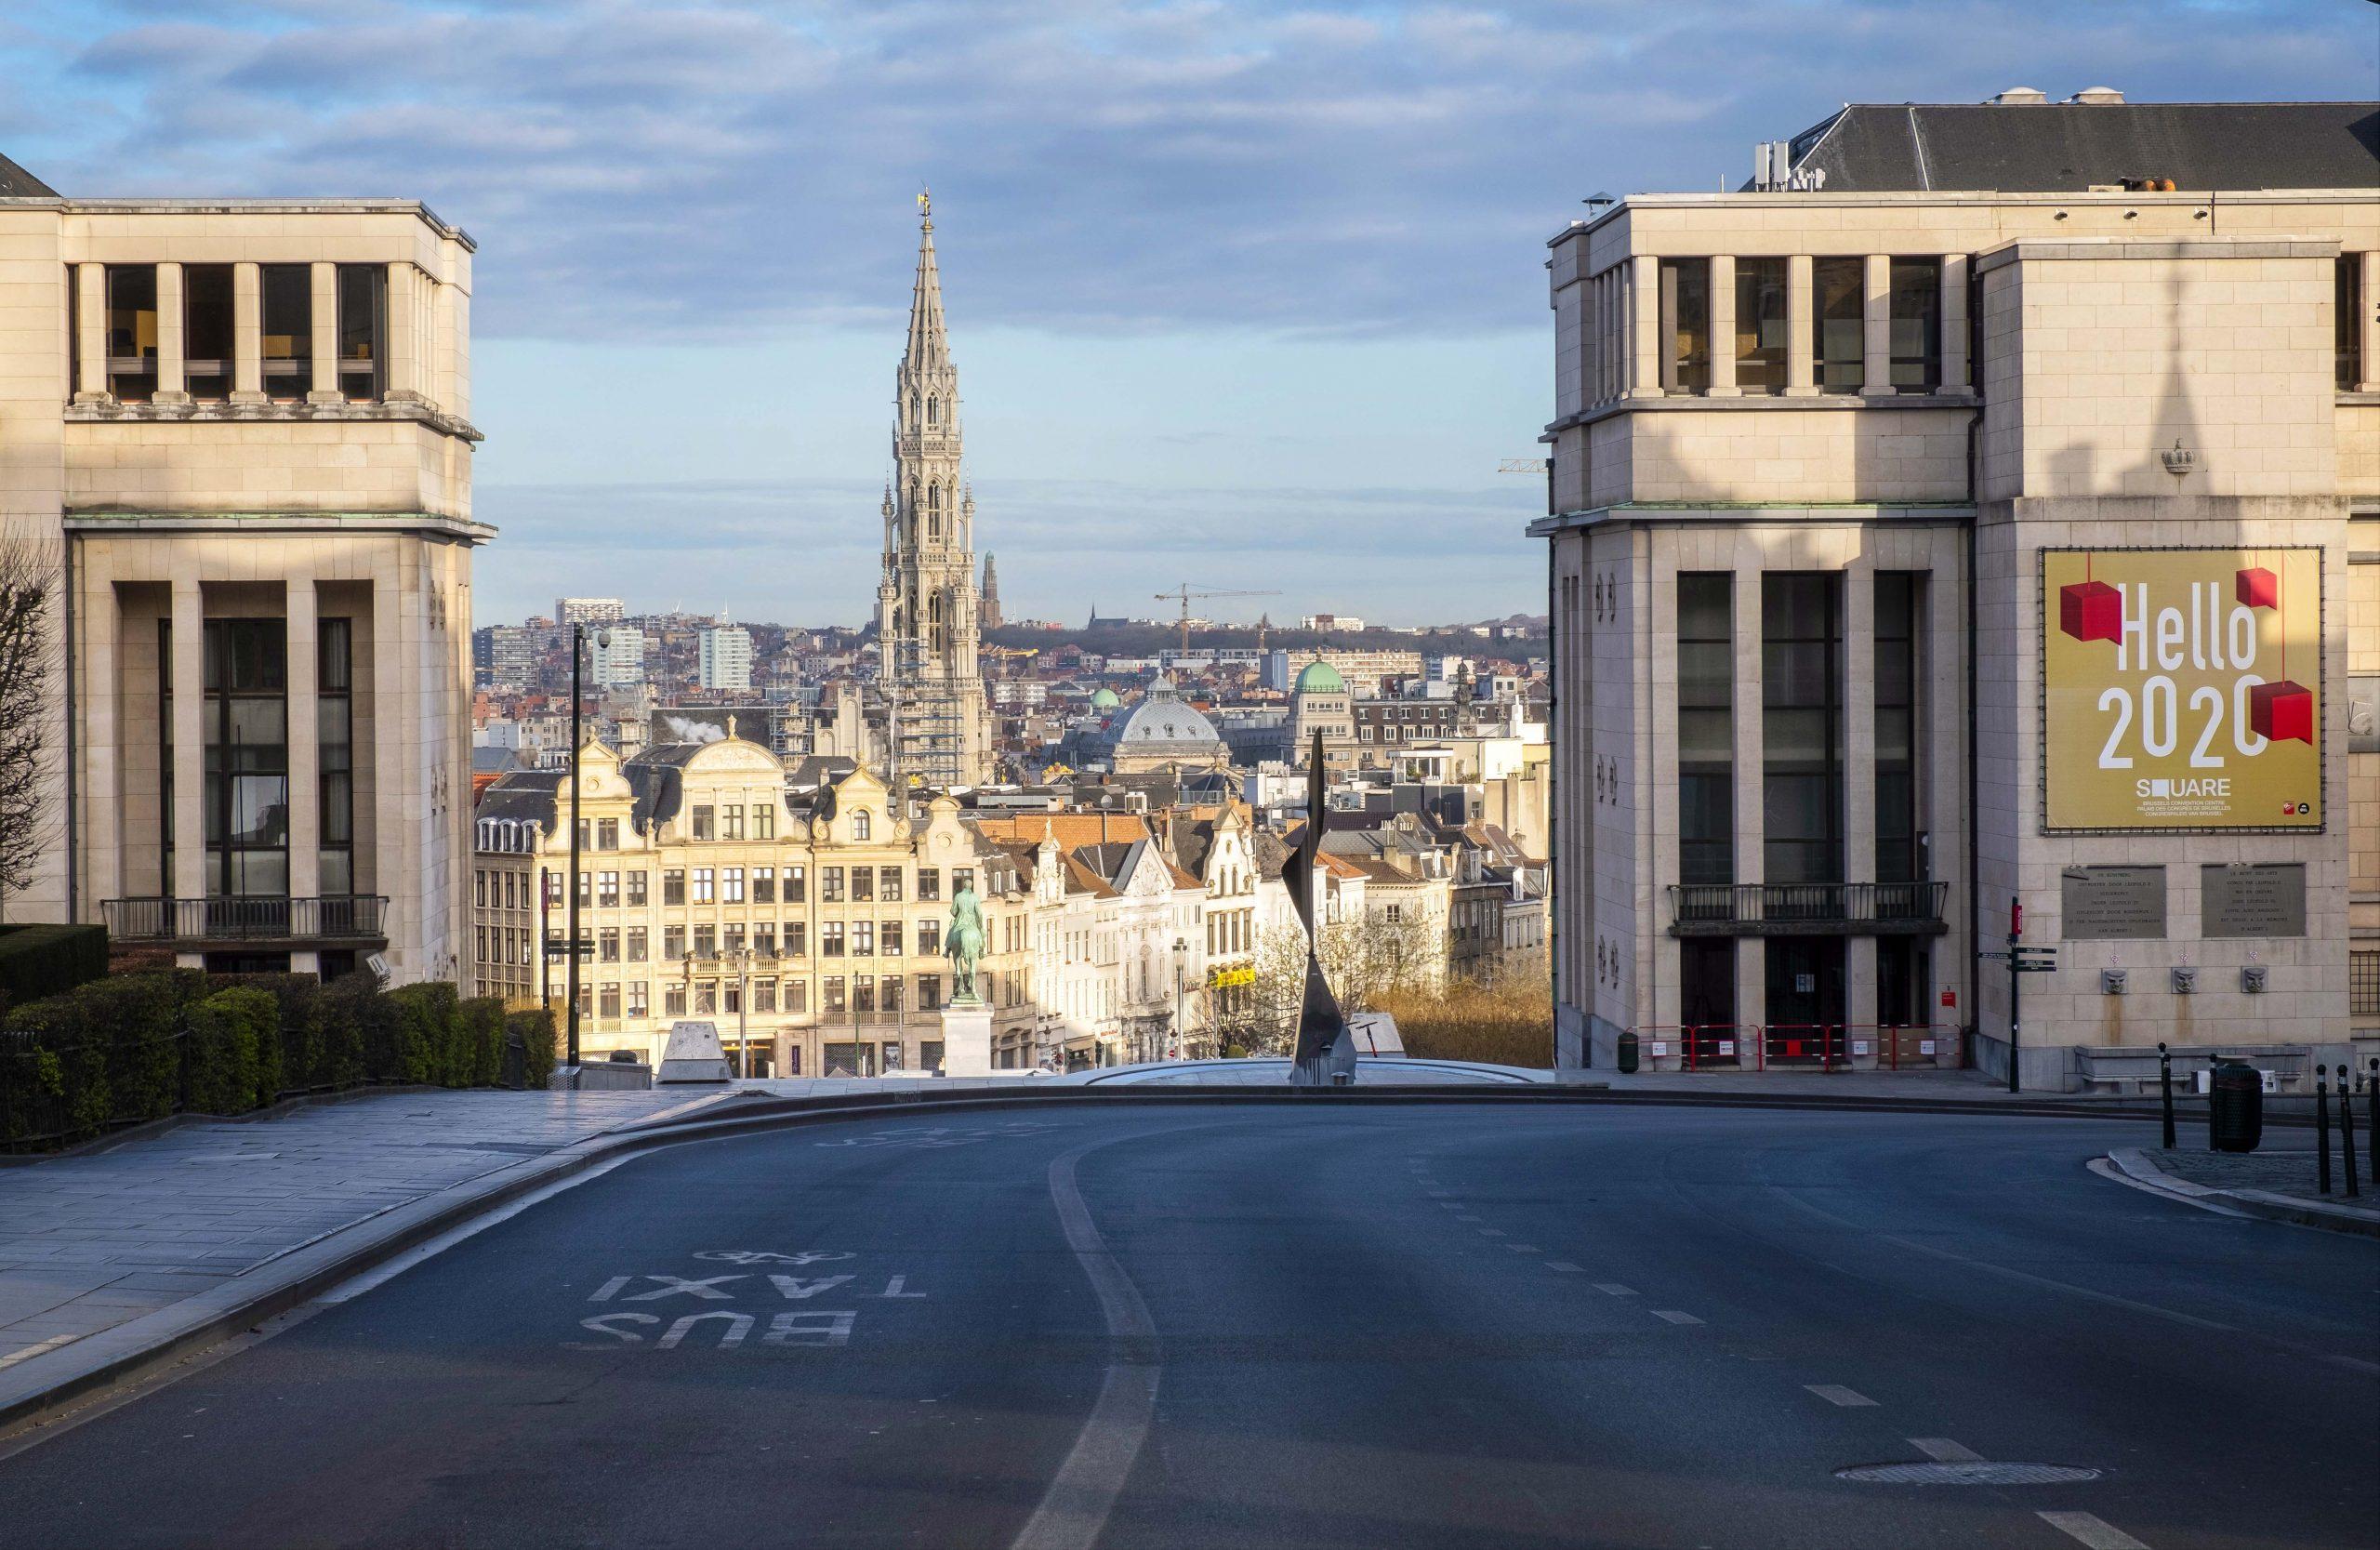 Bruxelles Belgium marts 2020.